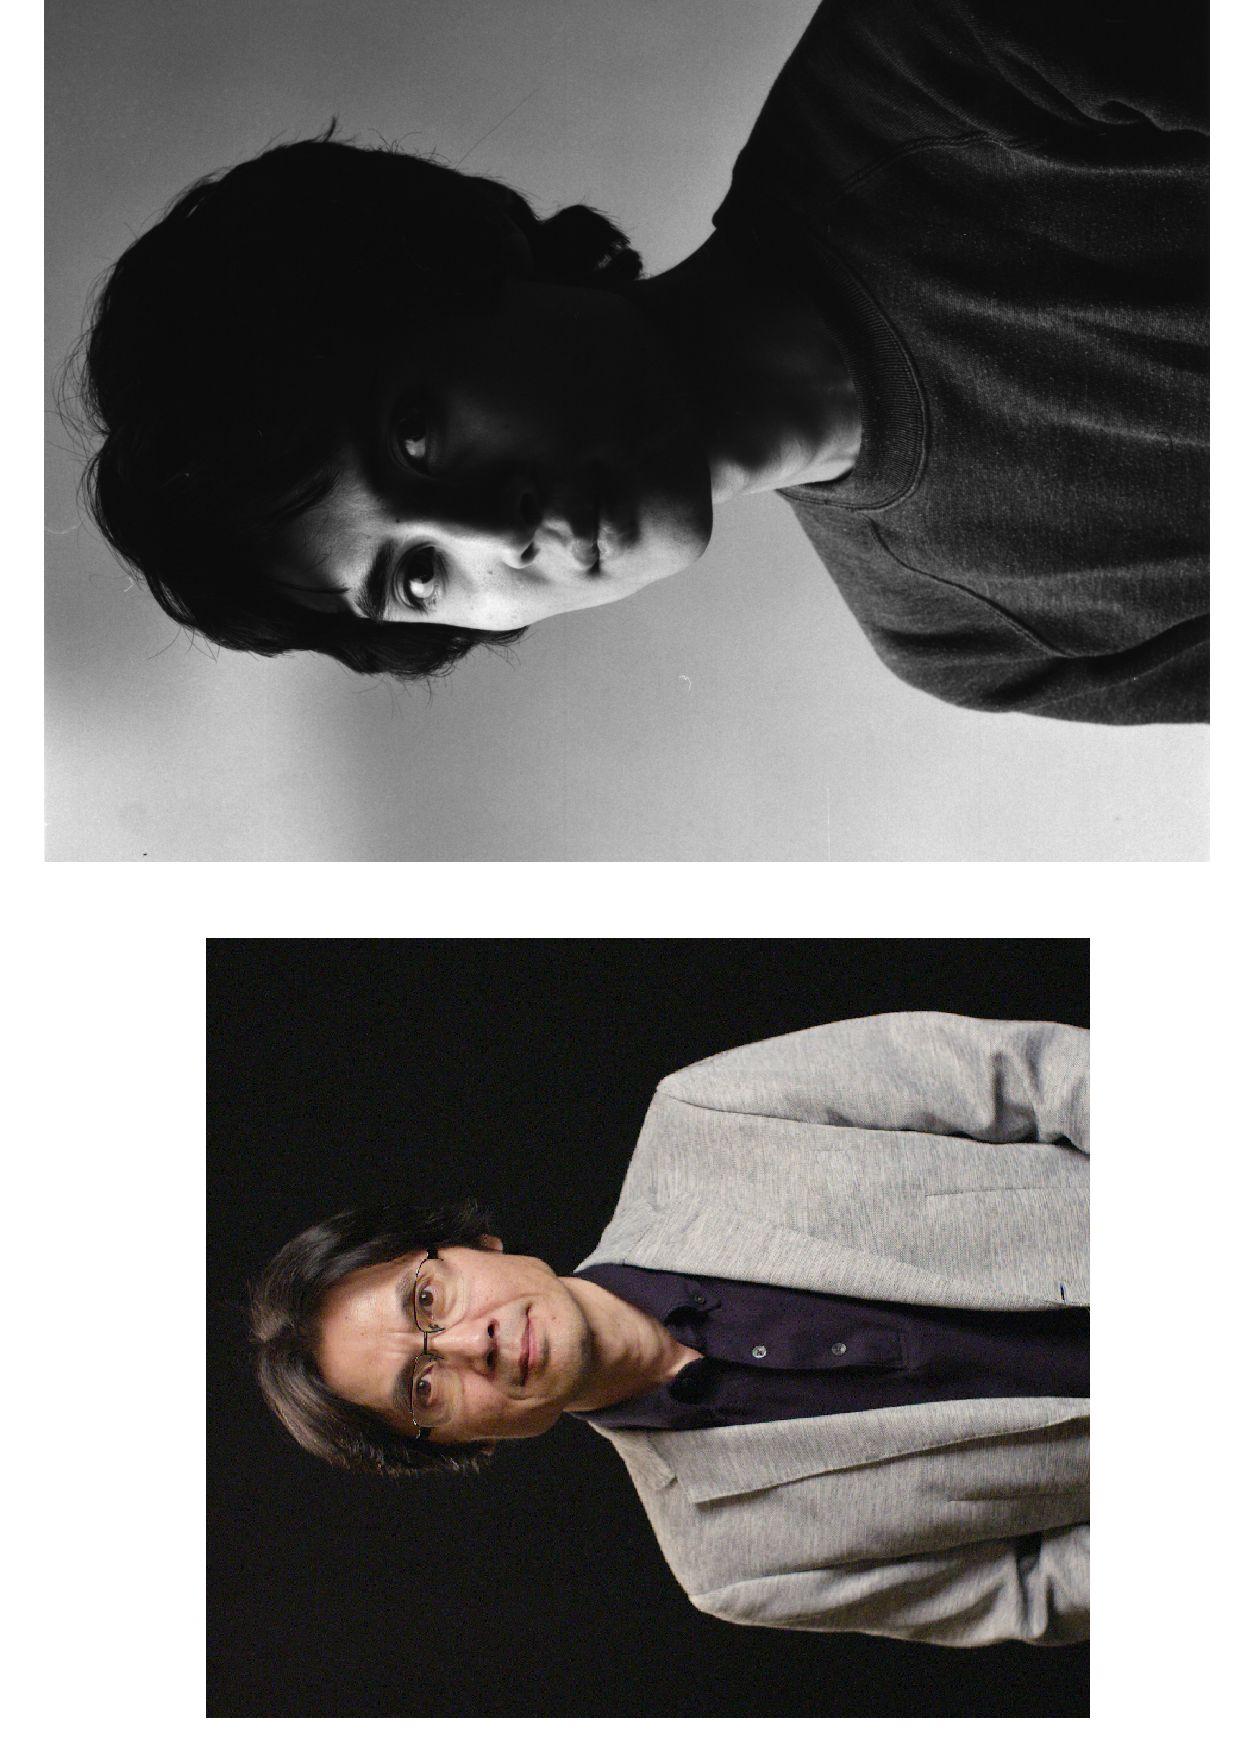 (1) Хироя Сакурай (2019). (2) Фото для брошюры к сольной выставке вVideo Gallery Scan в Токио (1985). Courtesy: все фото